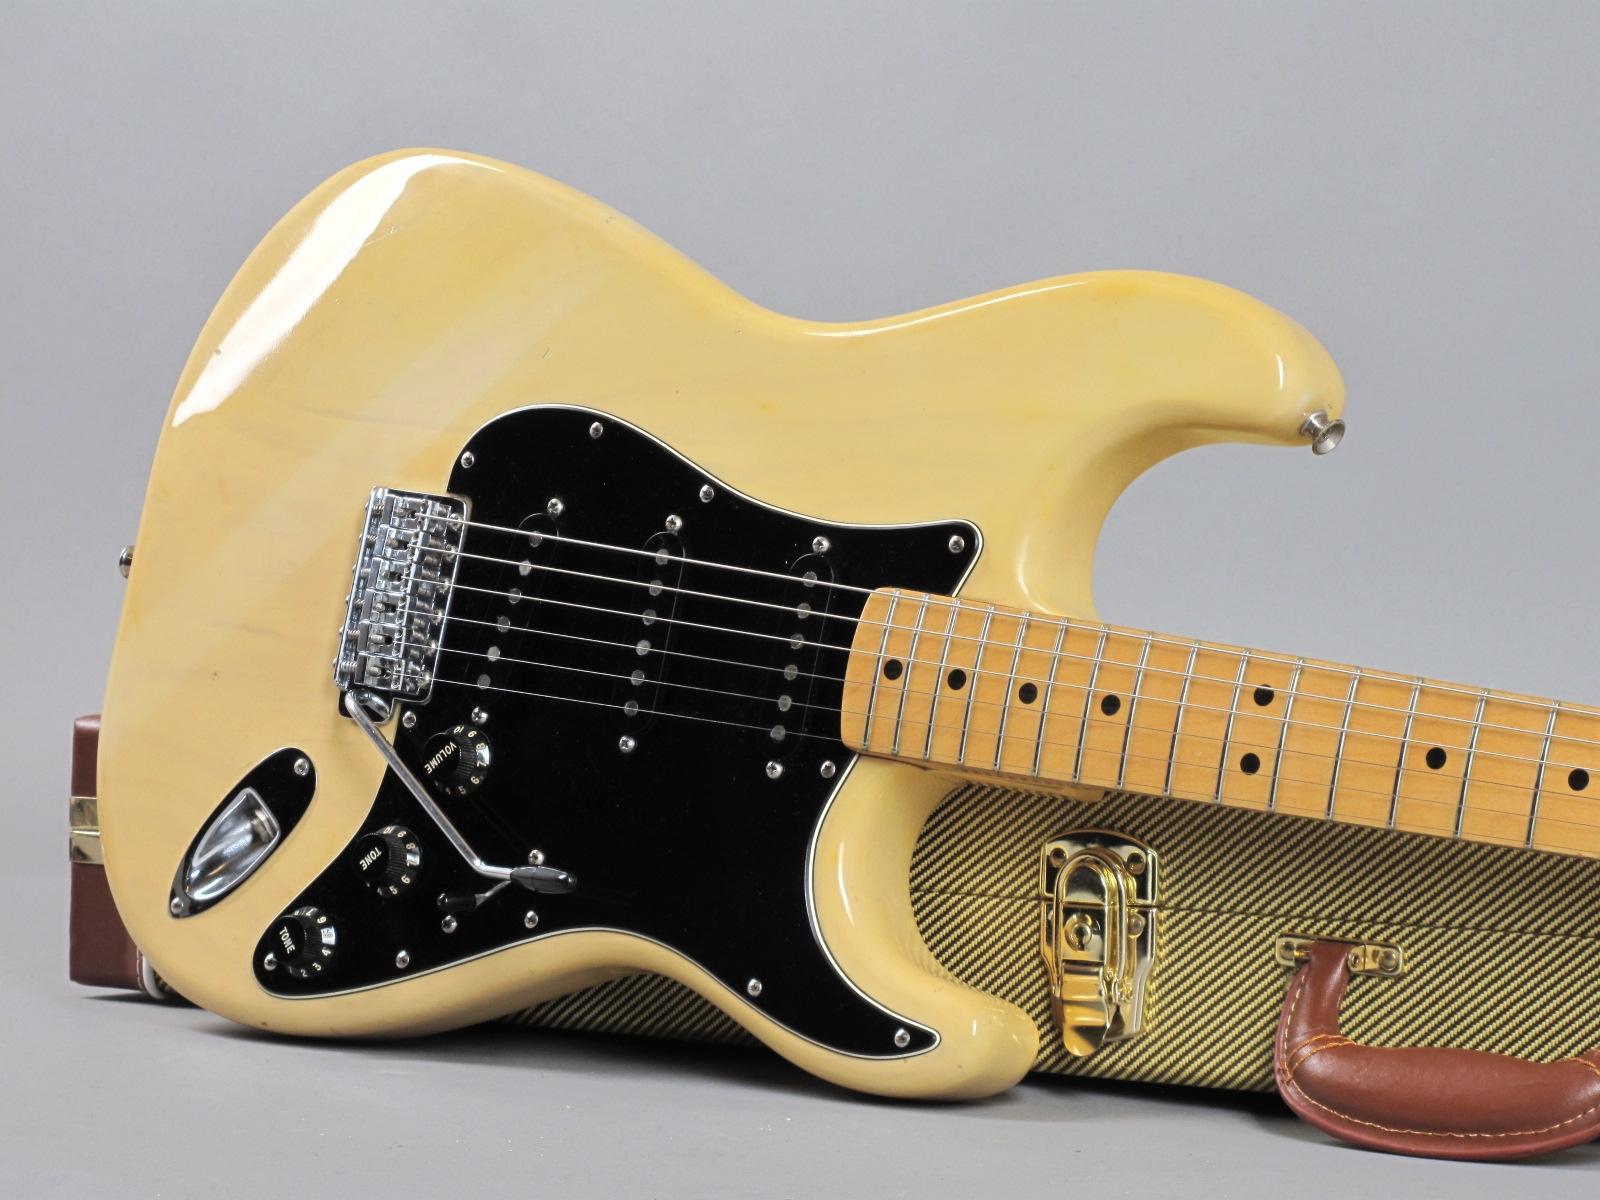 https://guitarpoint.de/app/uploads/products/1979-fender-stratocaster-blond-2/1979-Fender-Stratocaster-Blond-S919869_19.jpg